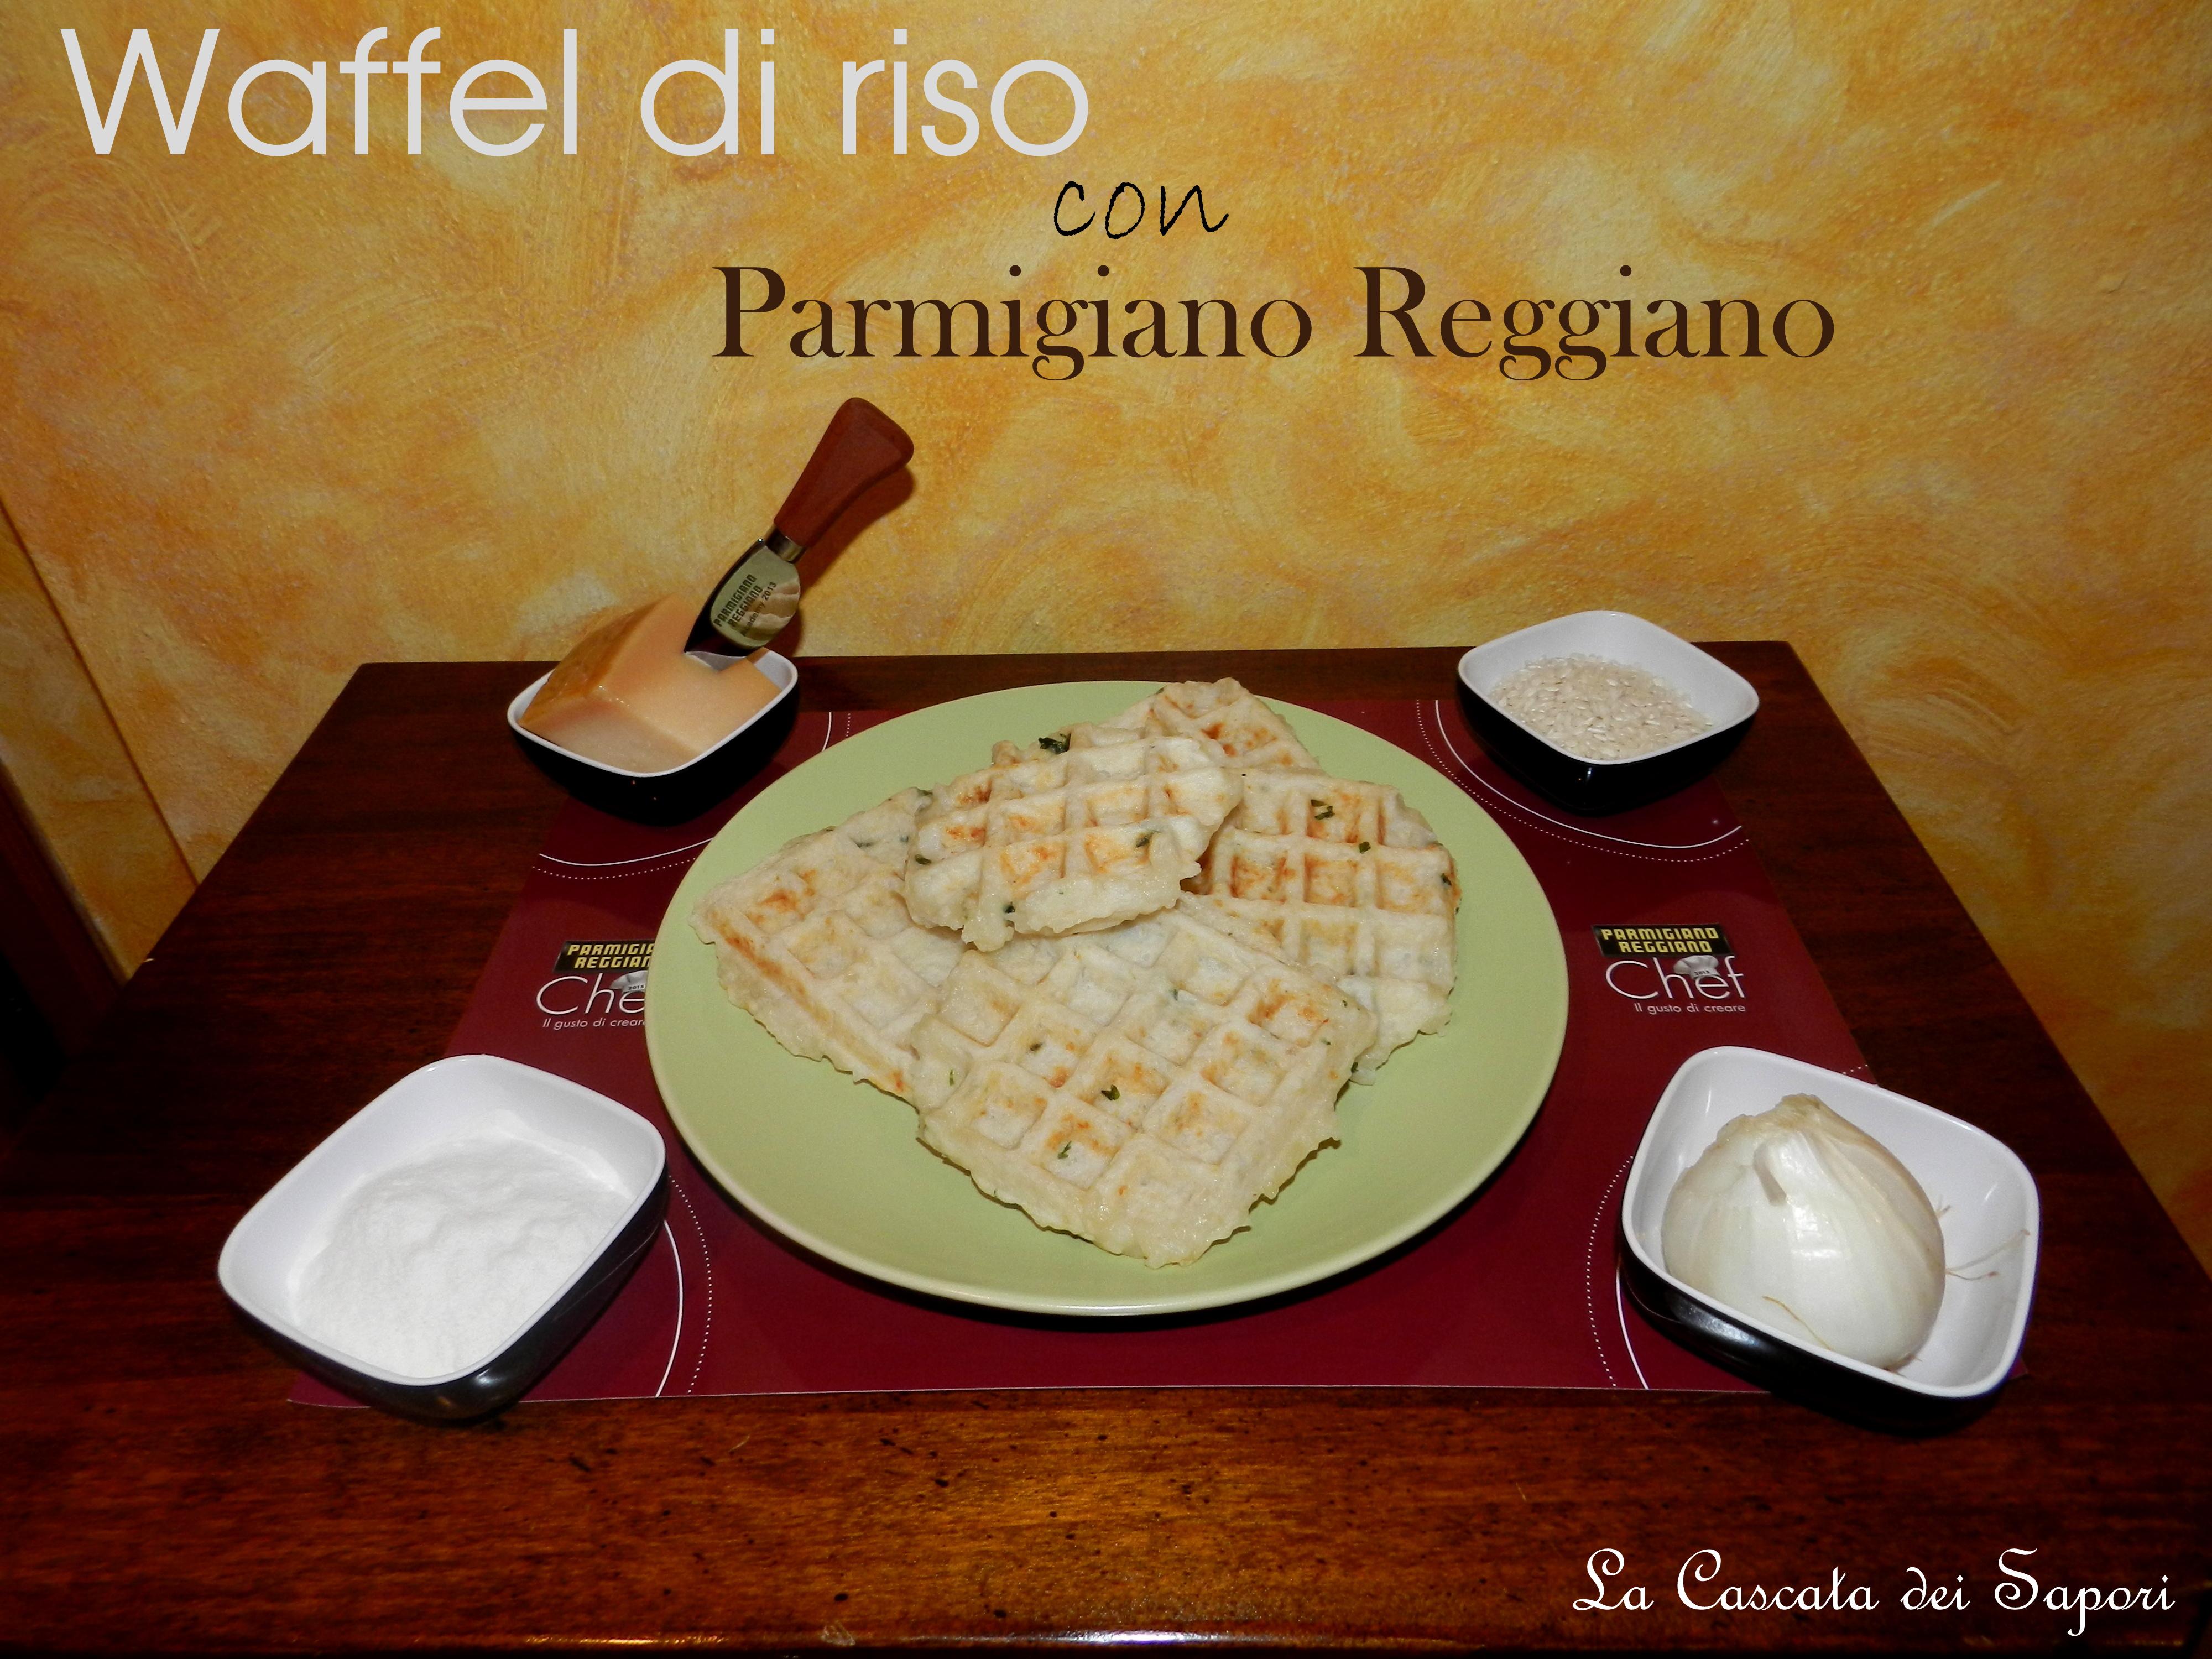 waffel-di-riso-con-Parmigiano-Reggiano